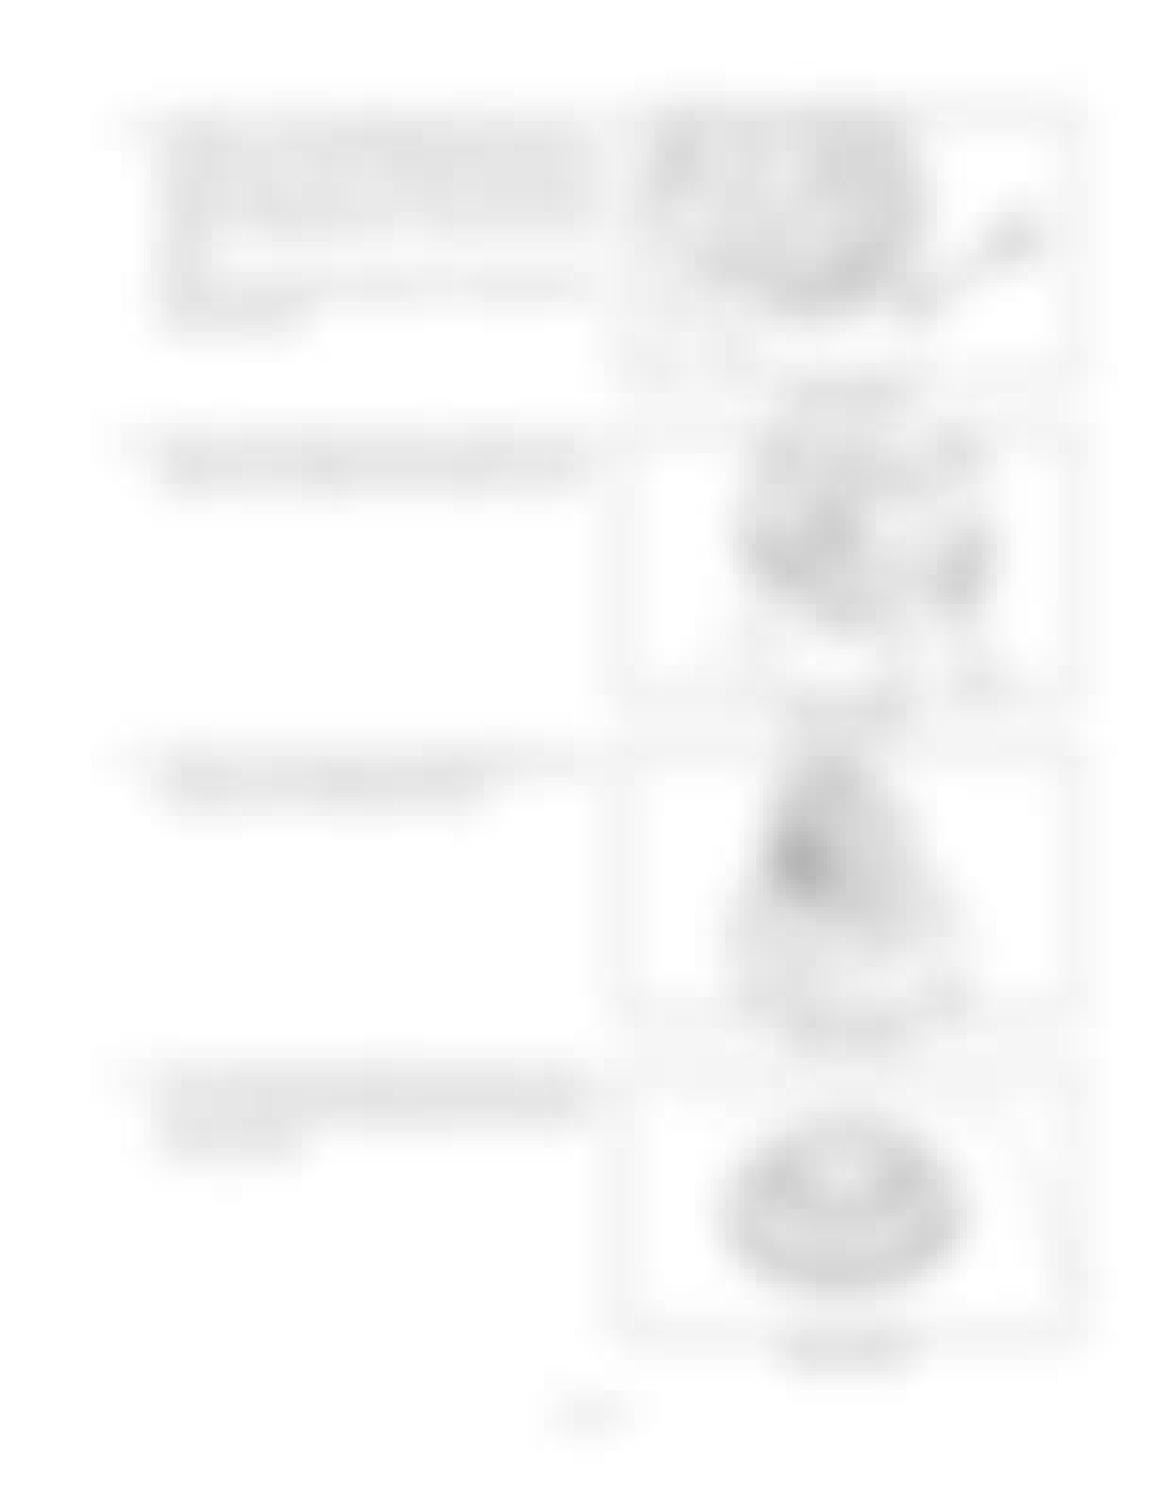 Hitachi LX110-7 LX130-7 LX160-7 LX190-7 LX230-7 Wheel Loader Workshop Manual - PDF DOWNLOAD page 163